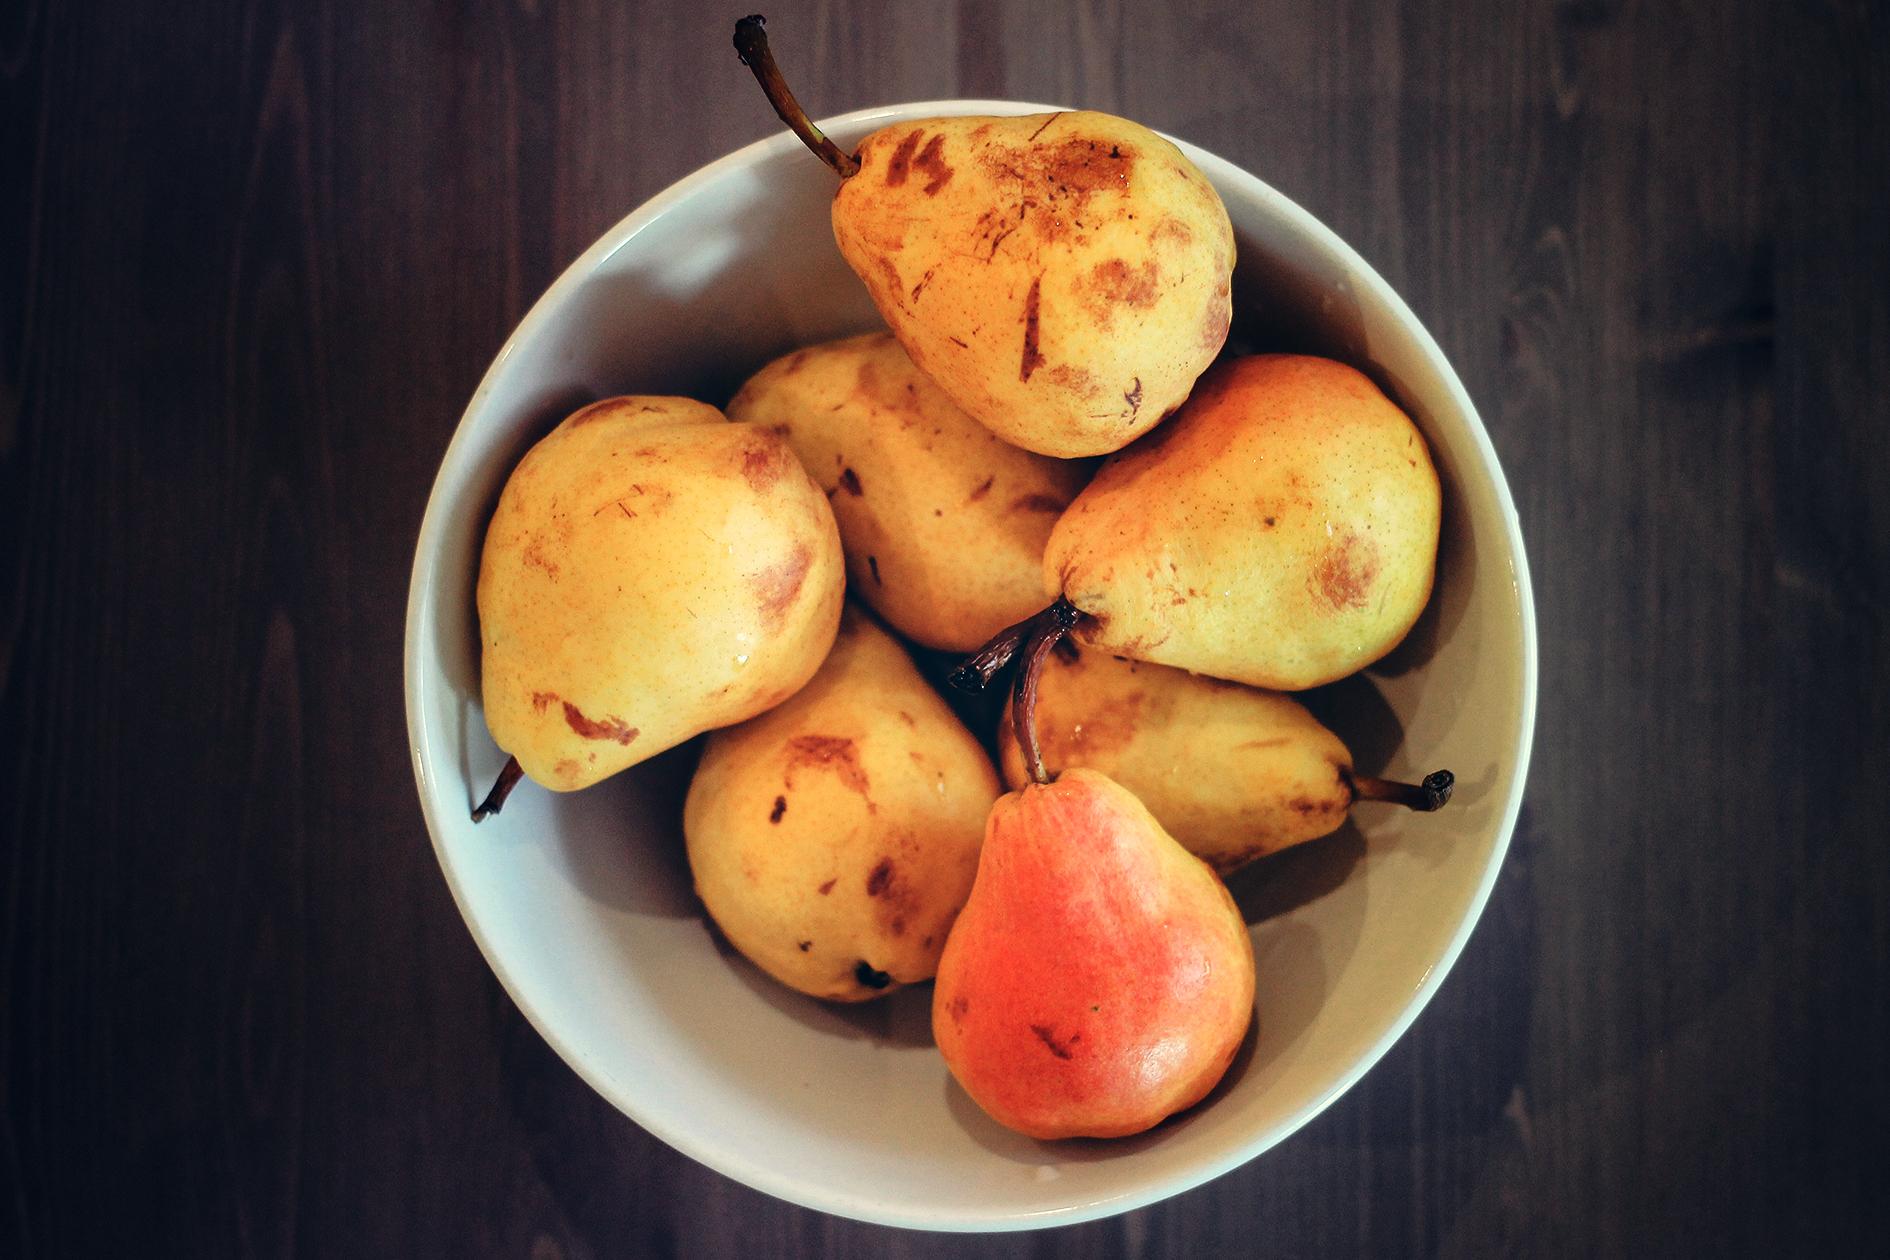 jason-b-graham-pear-armut-0001